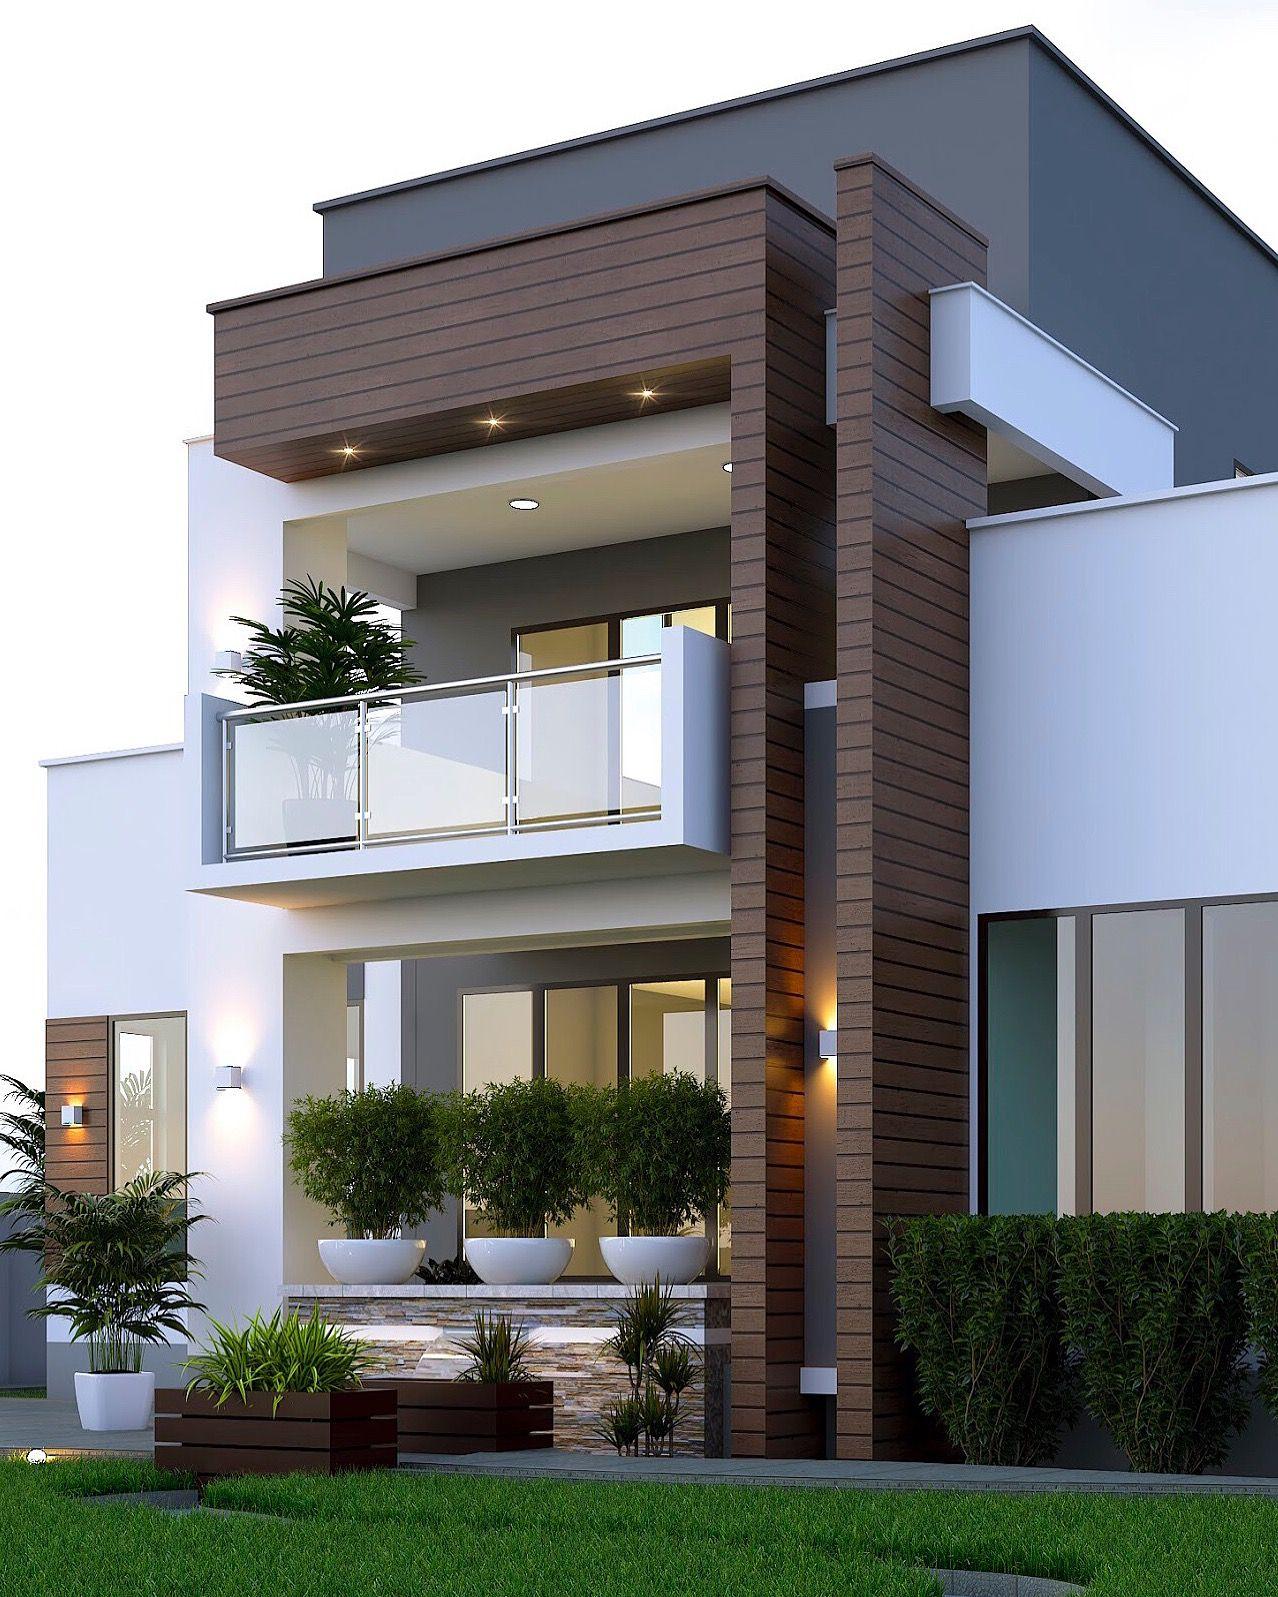 Home Design Ideas Exterior Photos: Modern Villa Exterior Designs